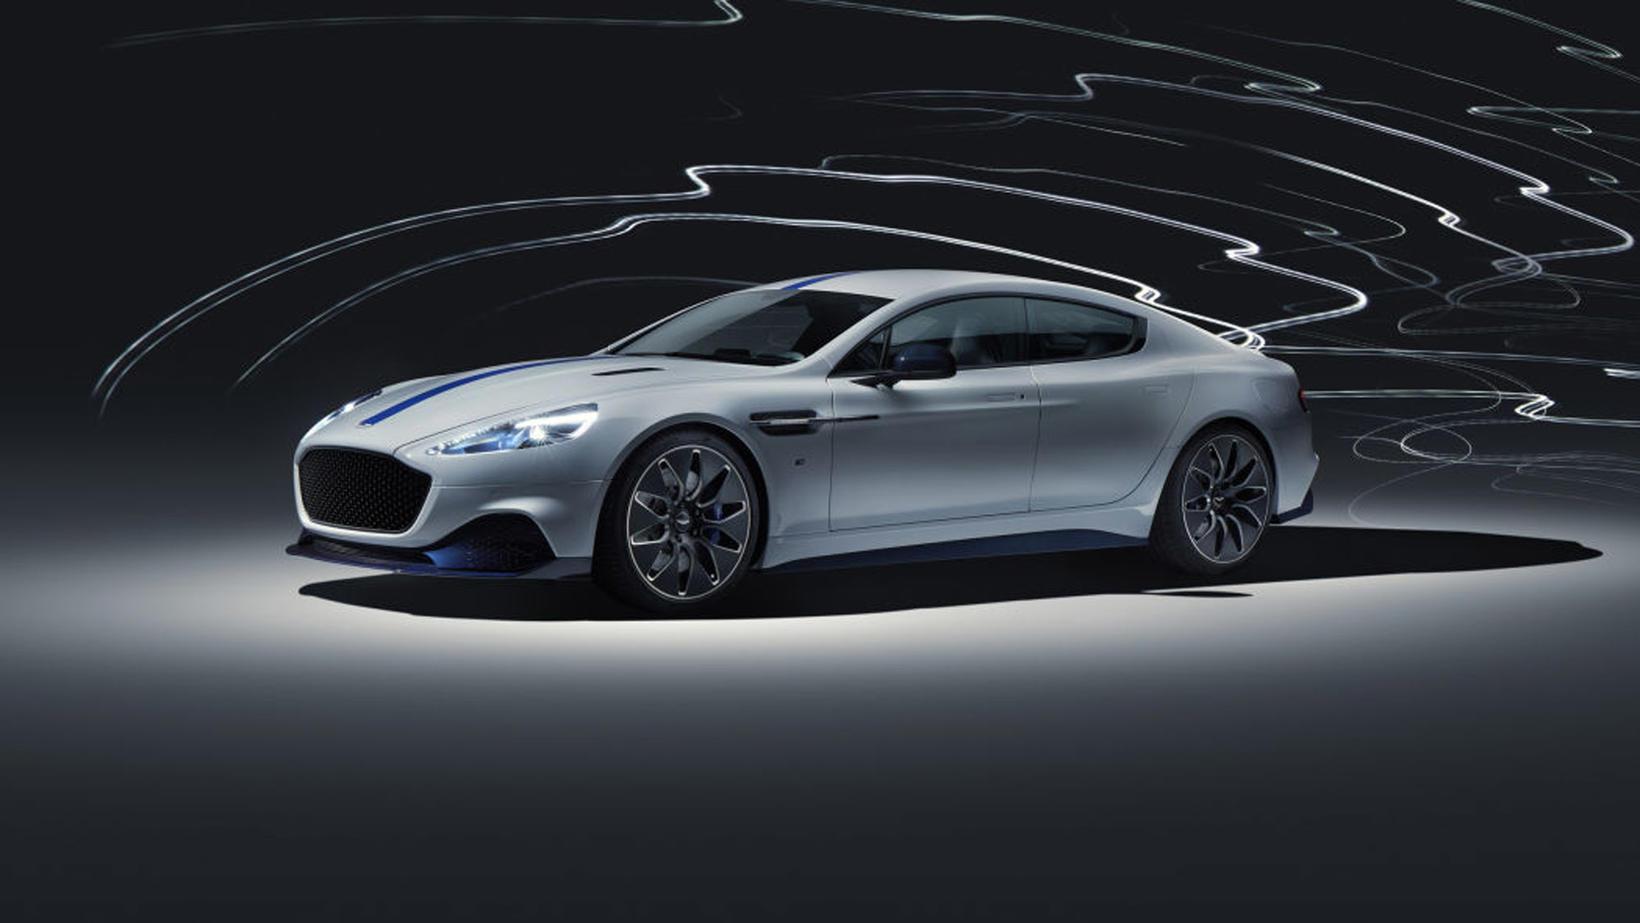 Óvissa ríkir um smíði rafbílsins Aston Martin Rapide E